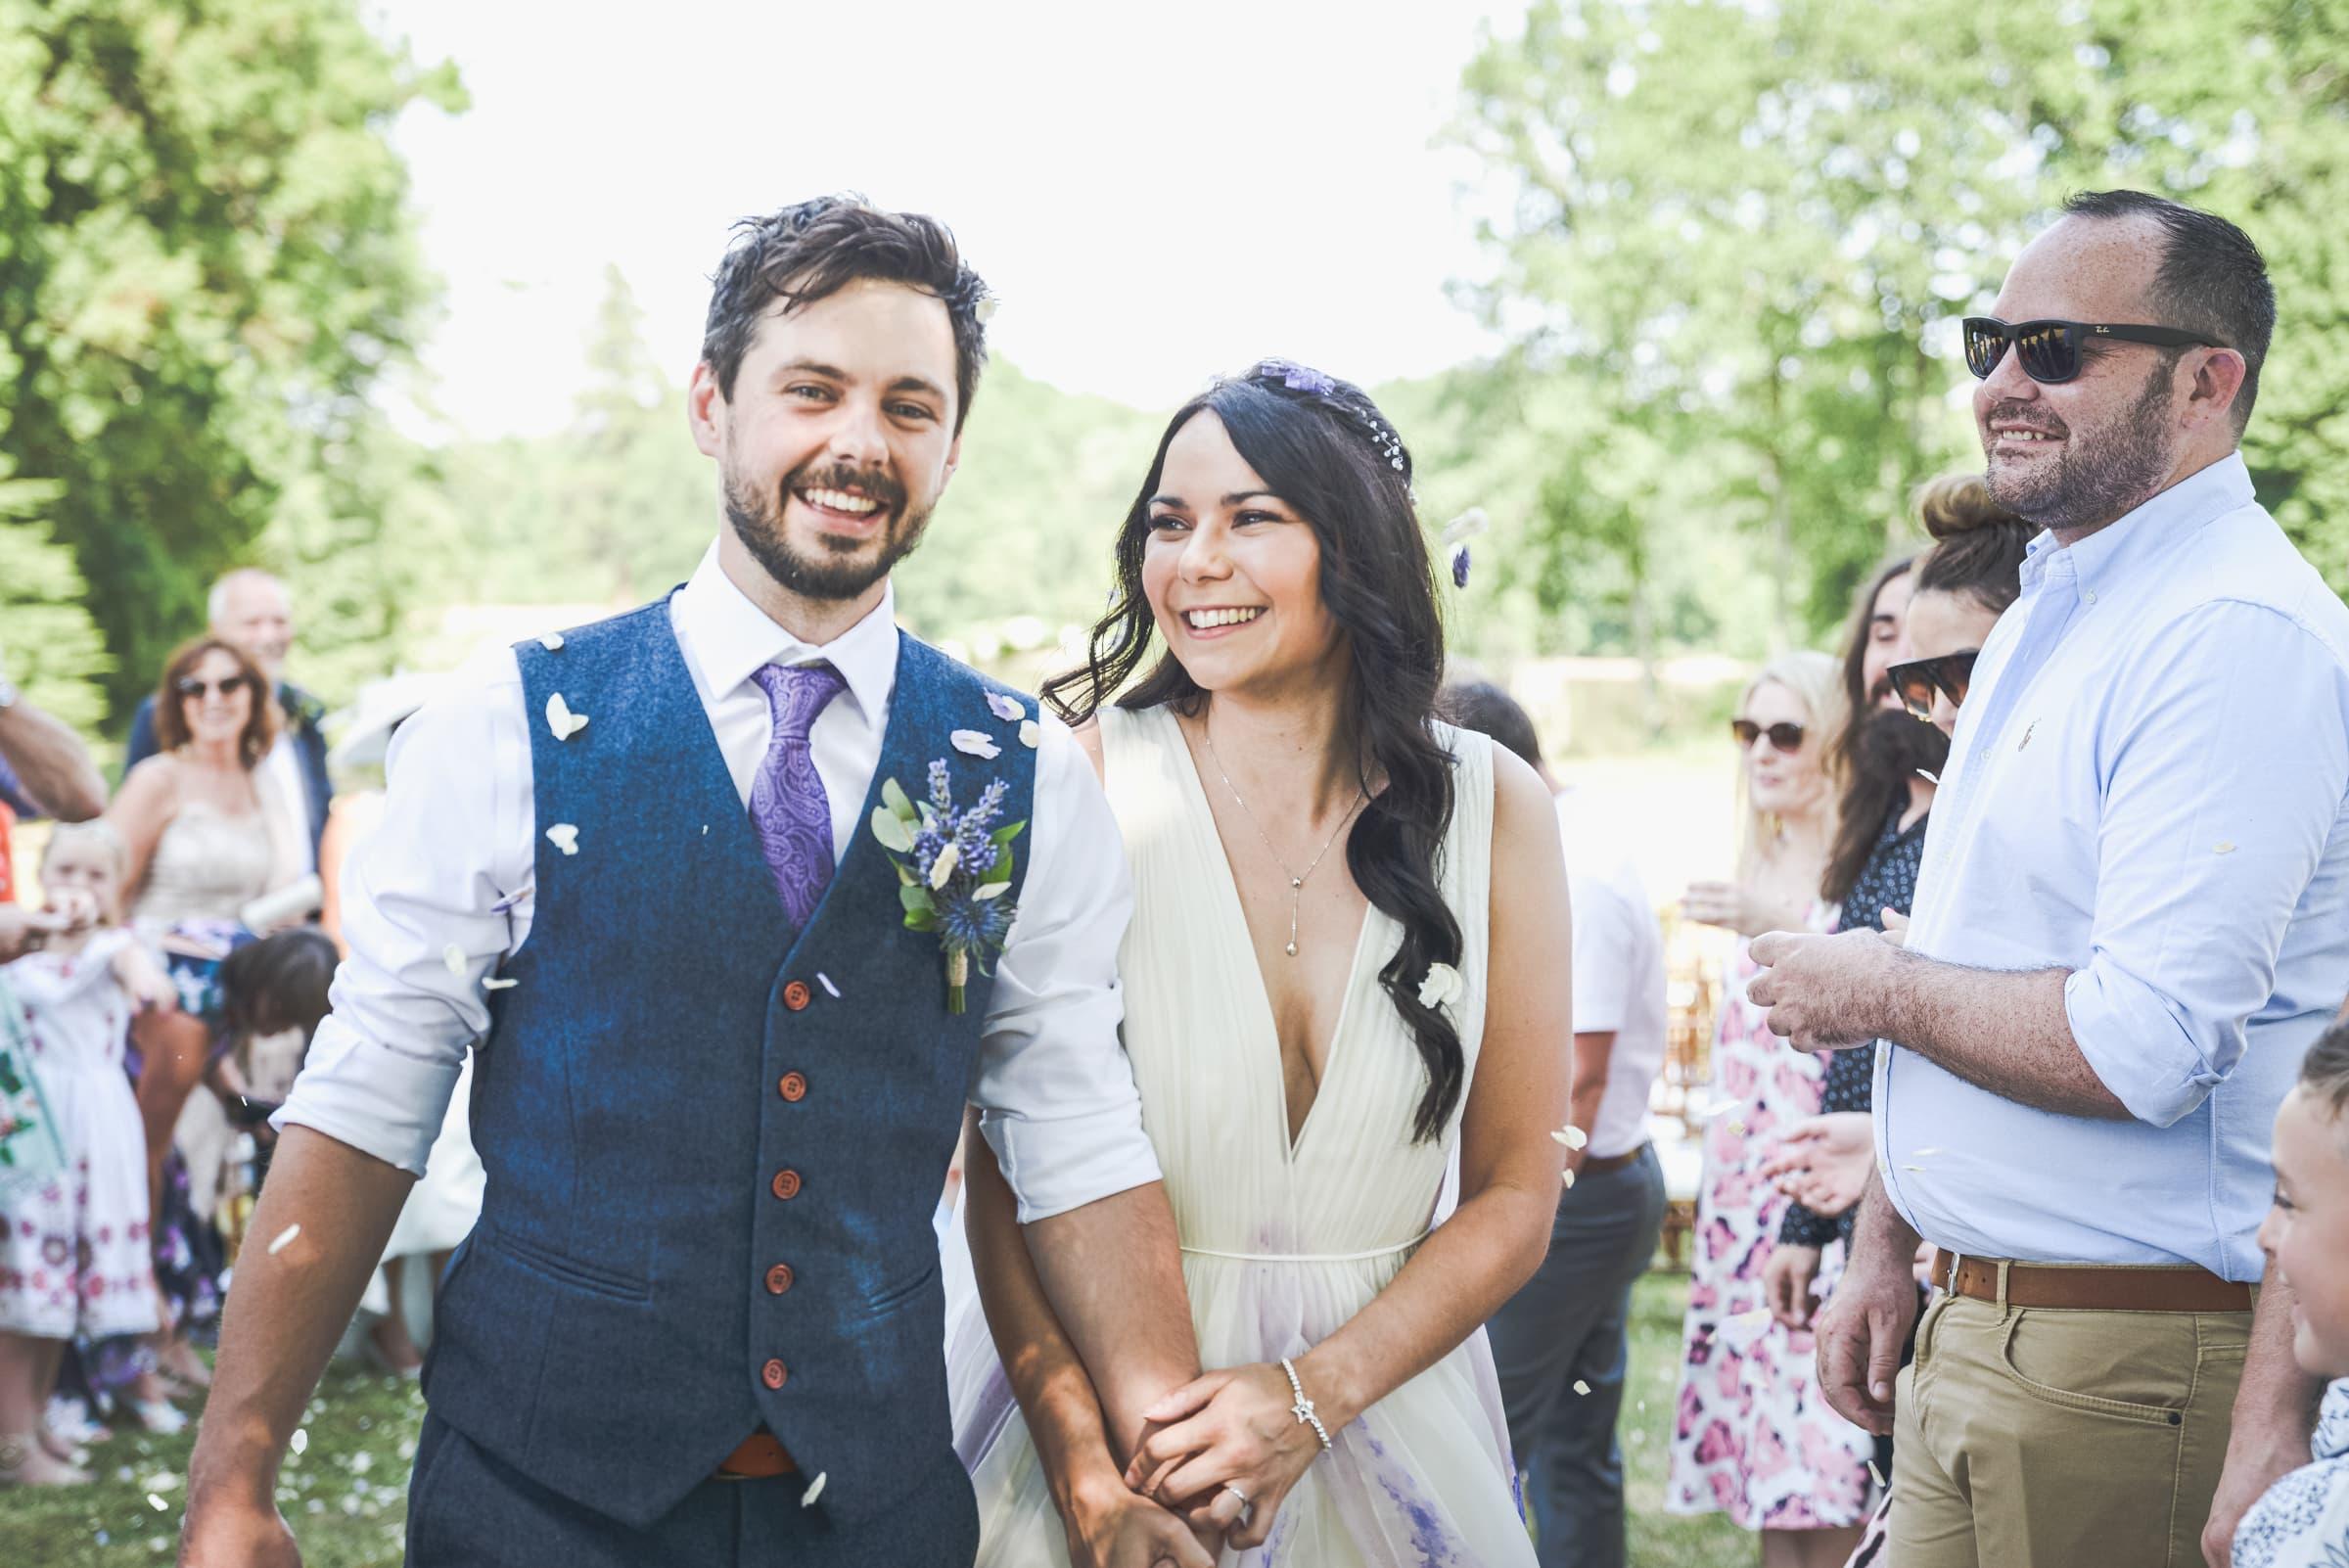 christelle saffroy photographe professionnel reportage mariage couple loiret 45